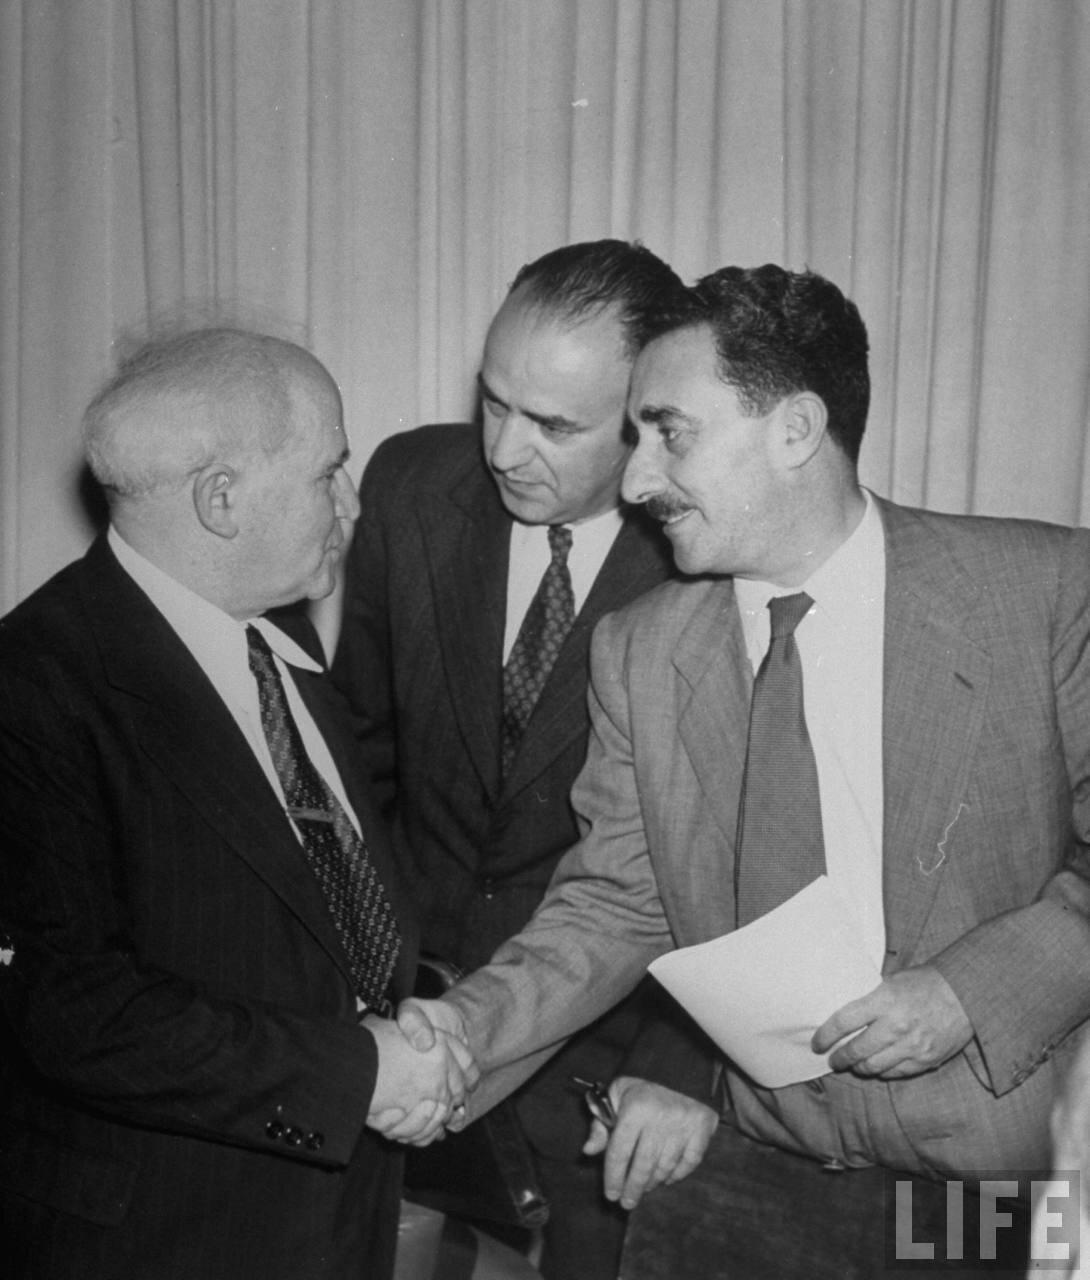 1948. Май. Министр иностранных дел Израиля Моше Шарет обменивается рукопожатием с премьер-министром Израиля Бен-Гурионом